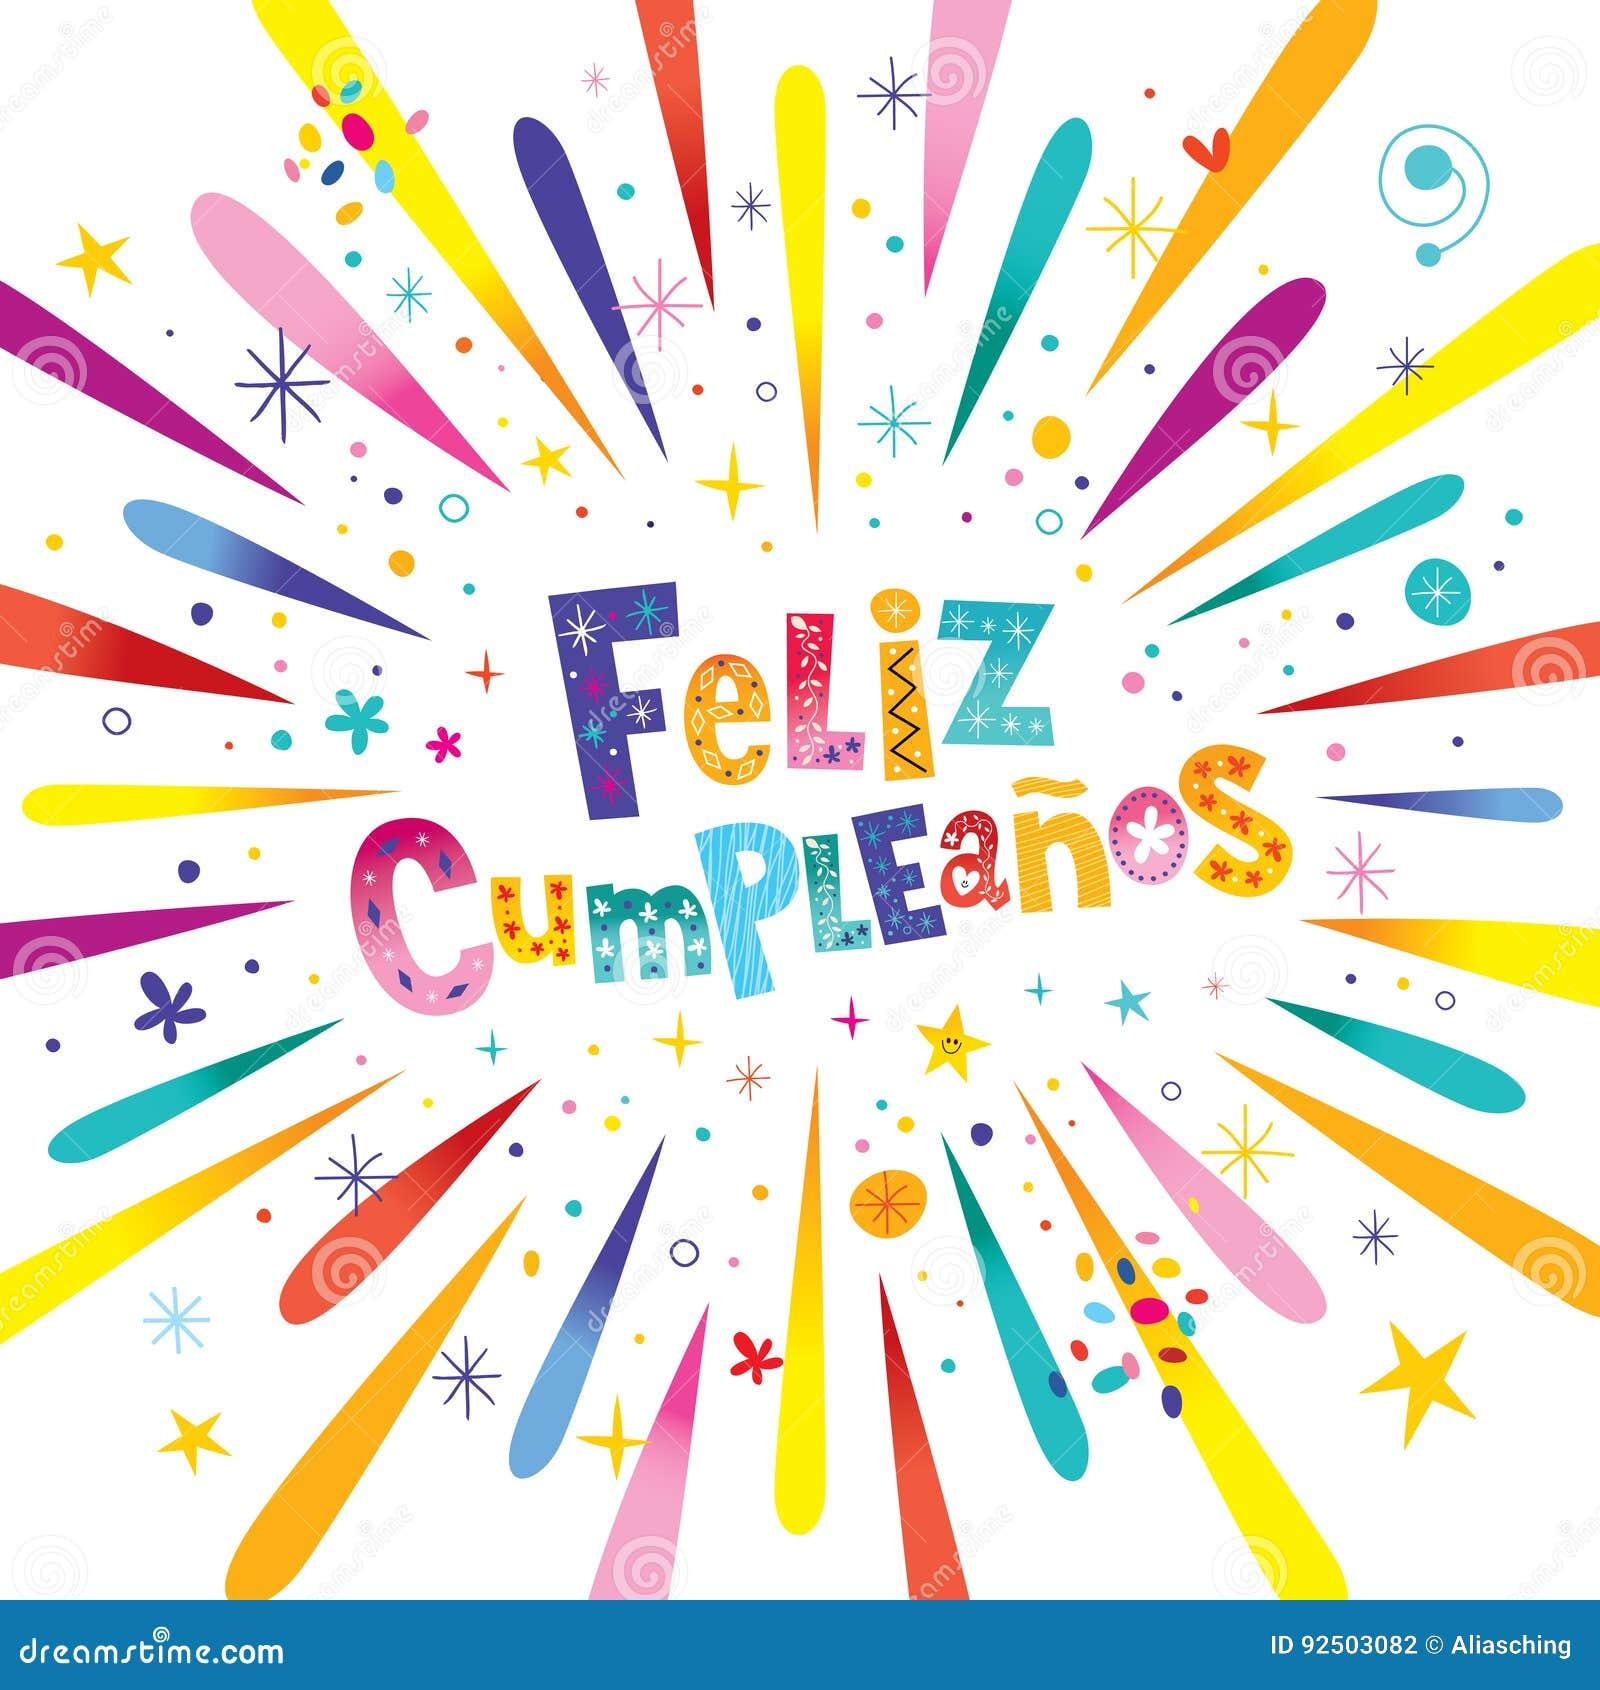 Поздравленья с днем рождения на мексиканском языке фото 998